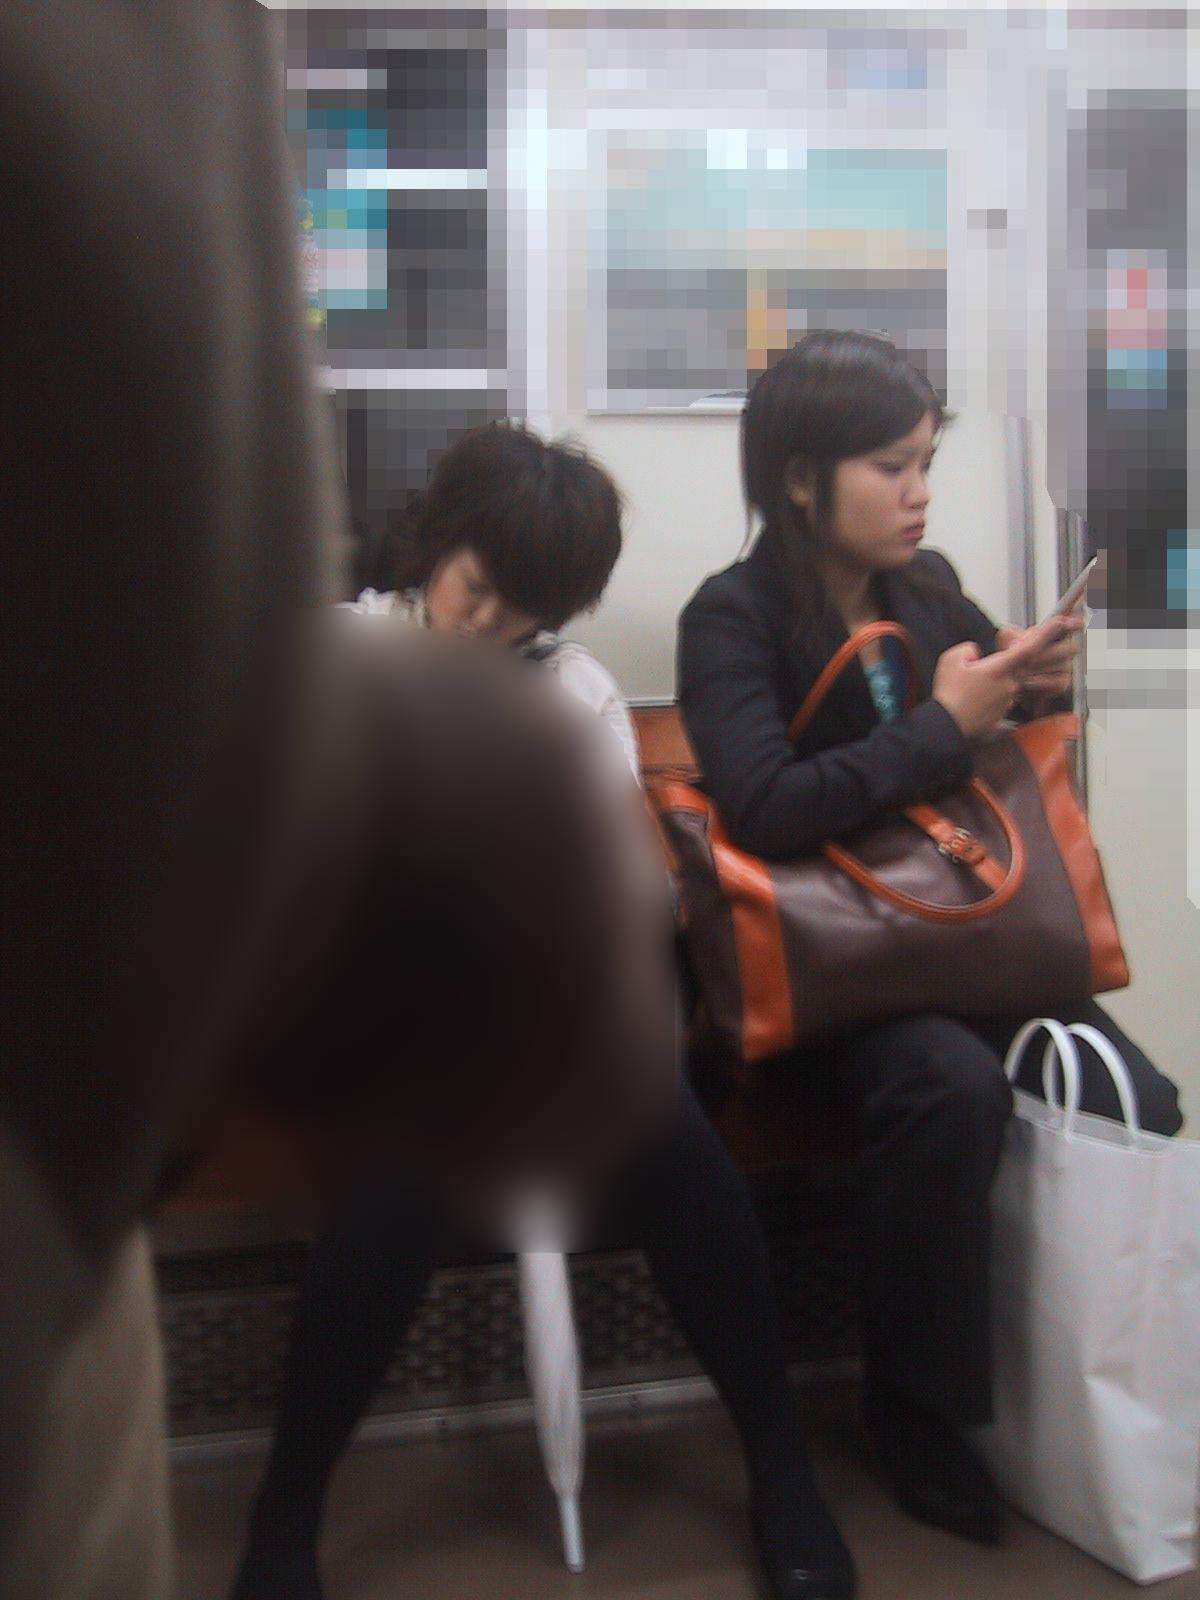 電車でちんこ出して痴漢するガチでヤバい奴現るwwwwwwwwww 0665